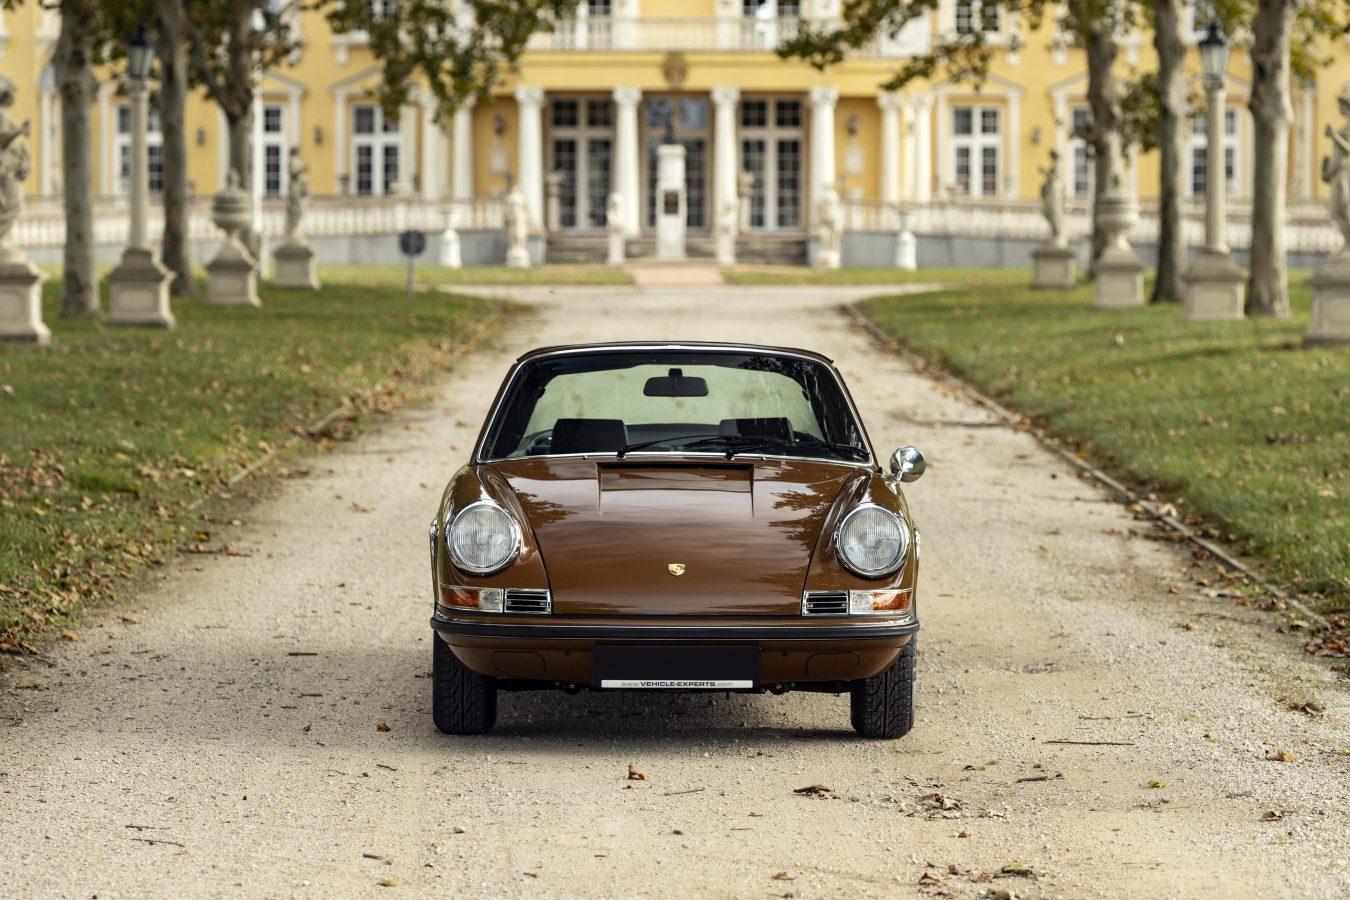 Sepiabraun Porsche 911 aus